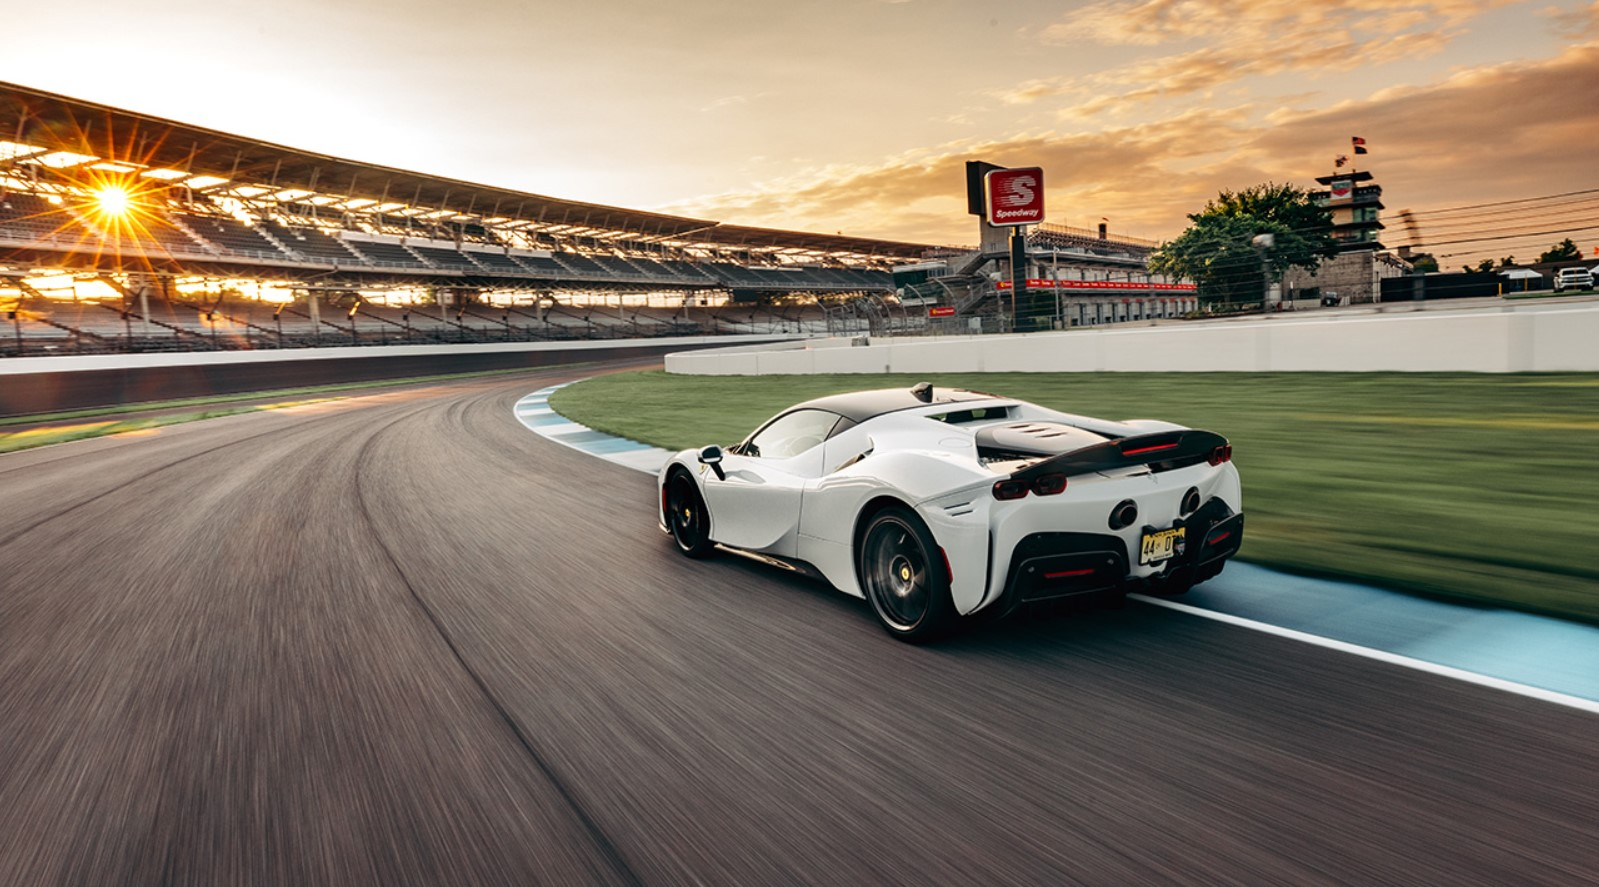 La Ferrari SF90 Stradale stabilisce il record sul giro per un'auto di serie a Indianapolis